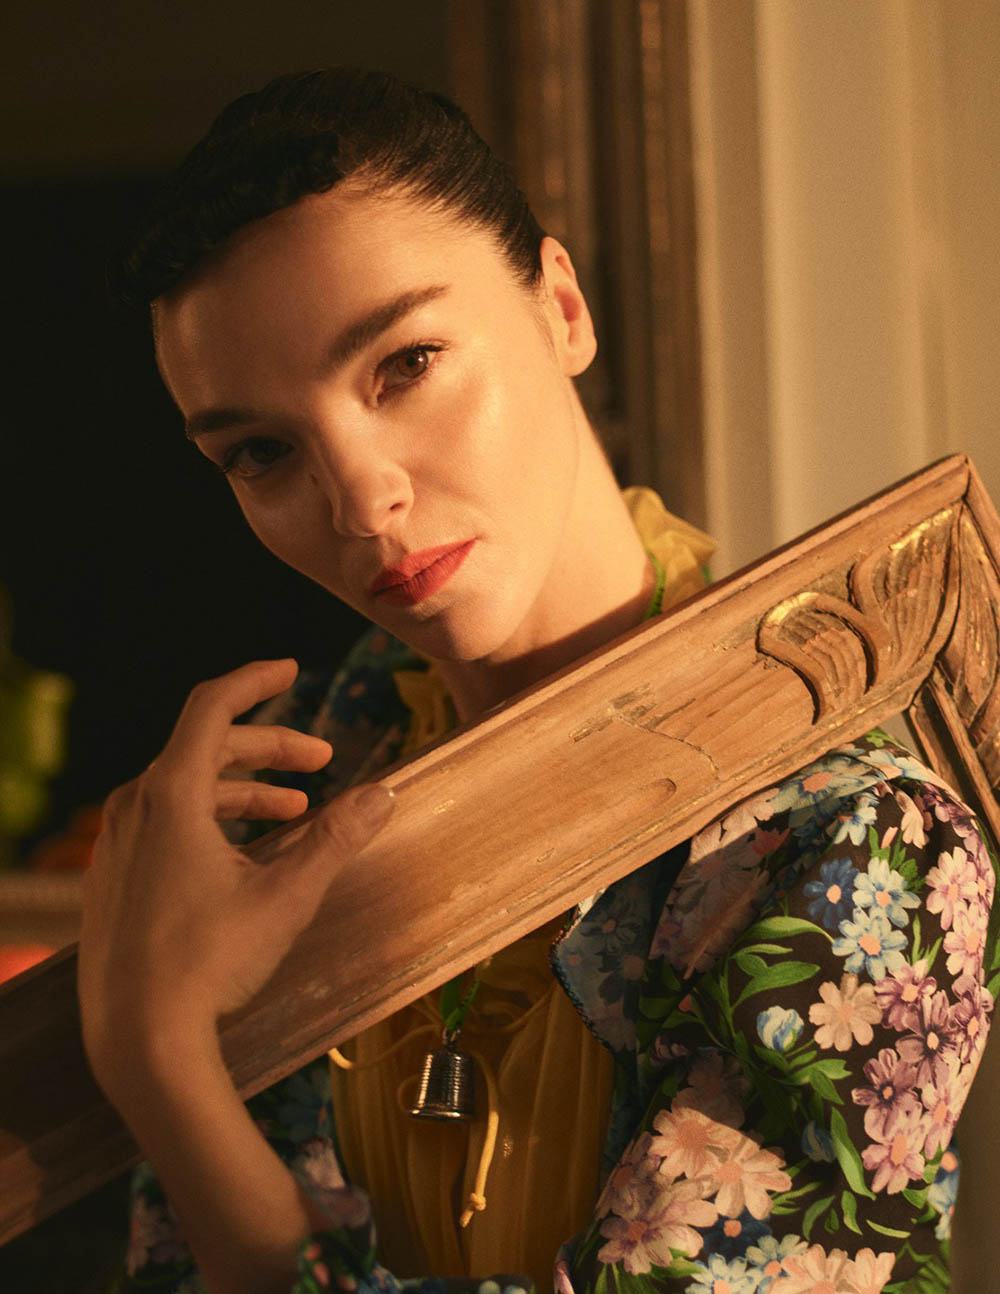 Mariacarla Boscono covers Vogue Mexico May 2018 by Stas Komarovski